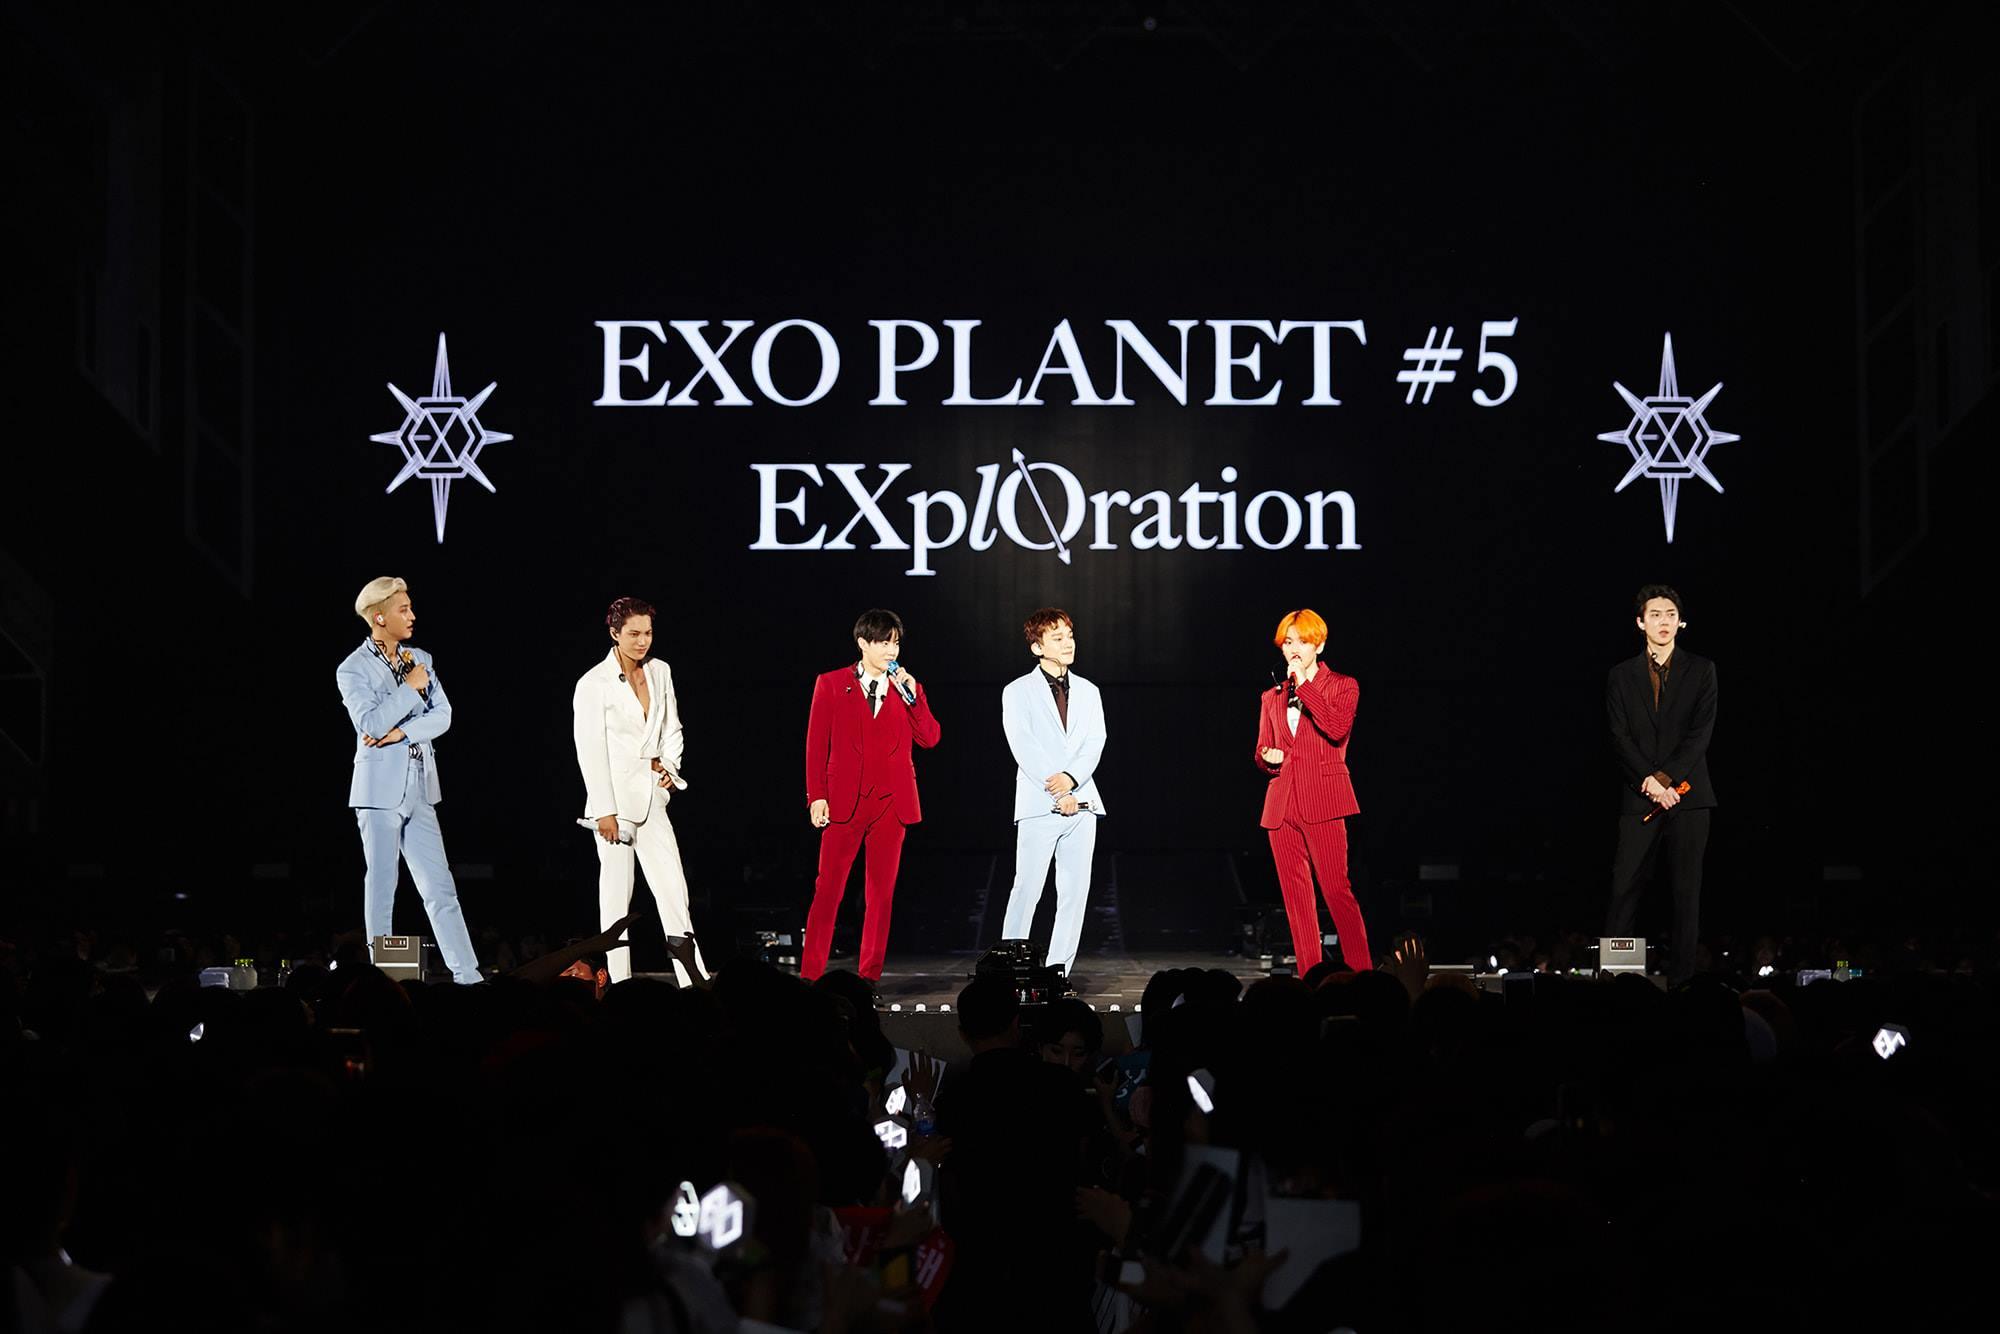 歌迷们非常期盼EXO的到来。-星艺娱乐提供-